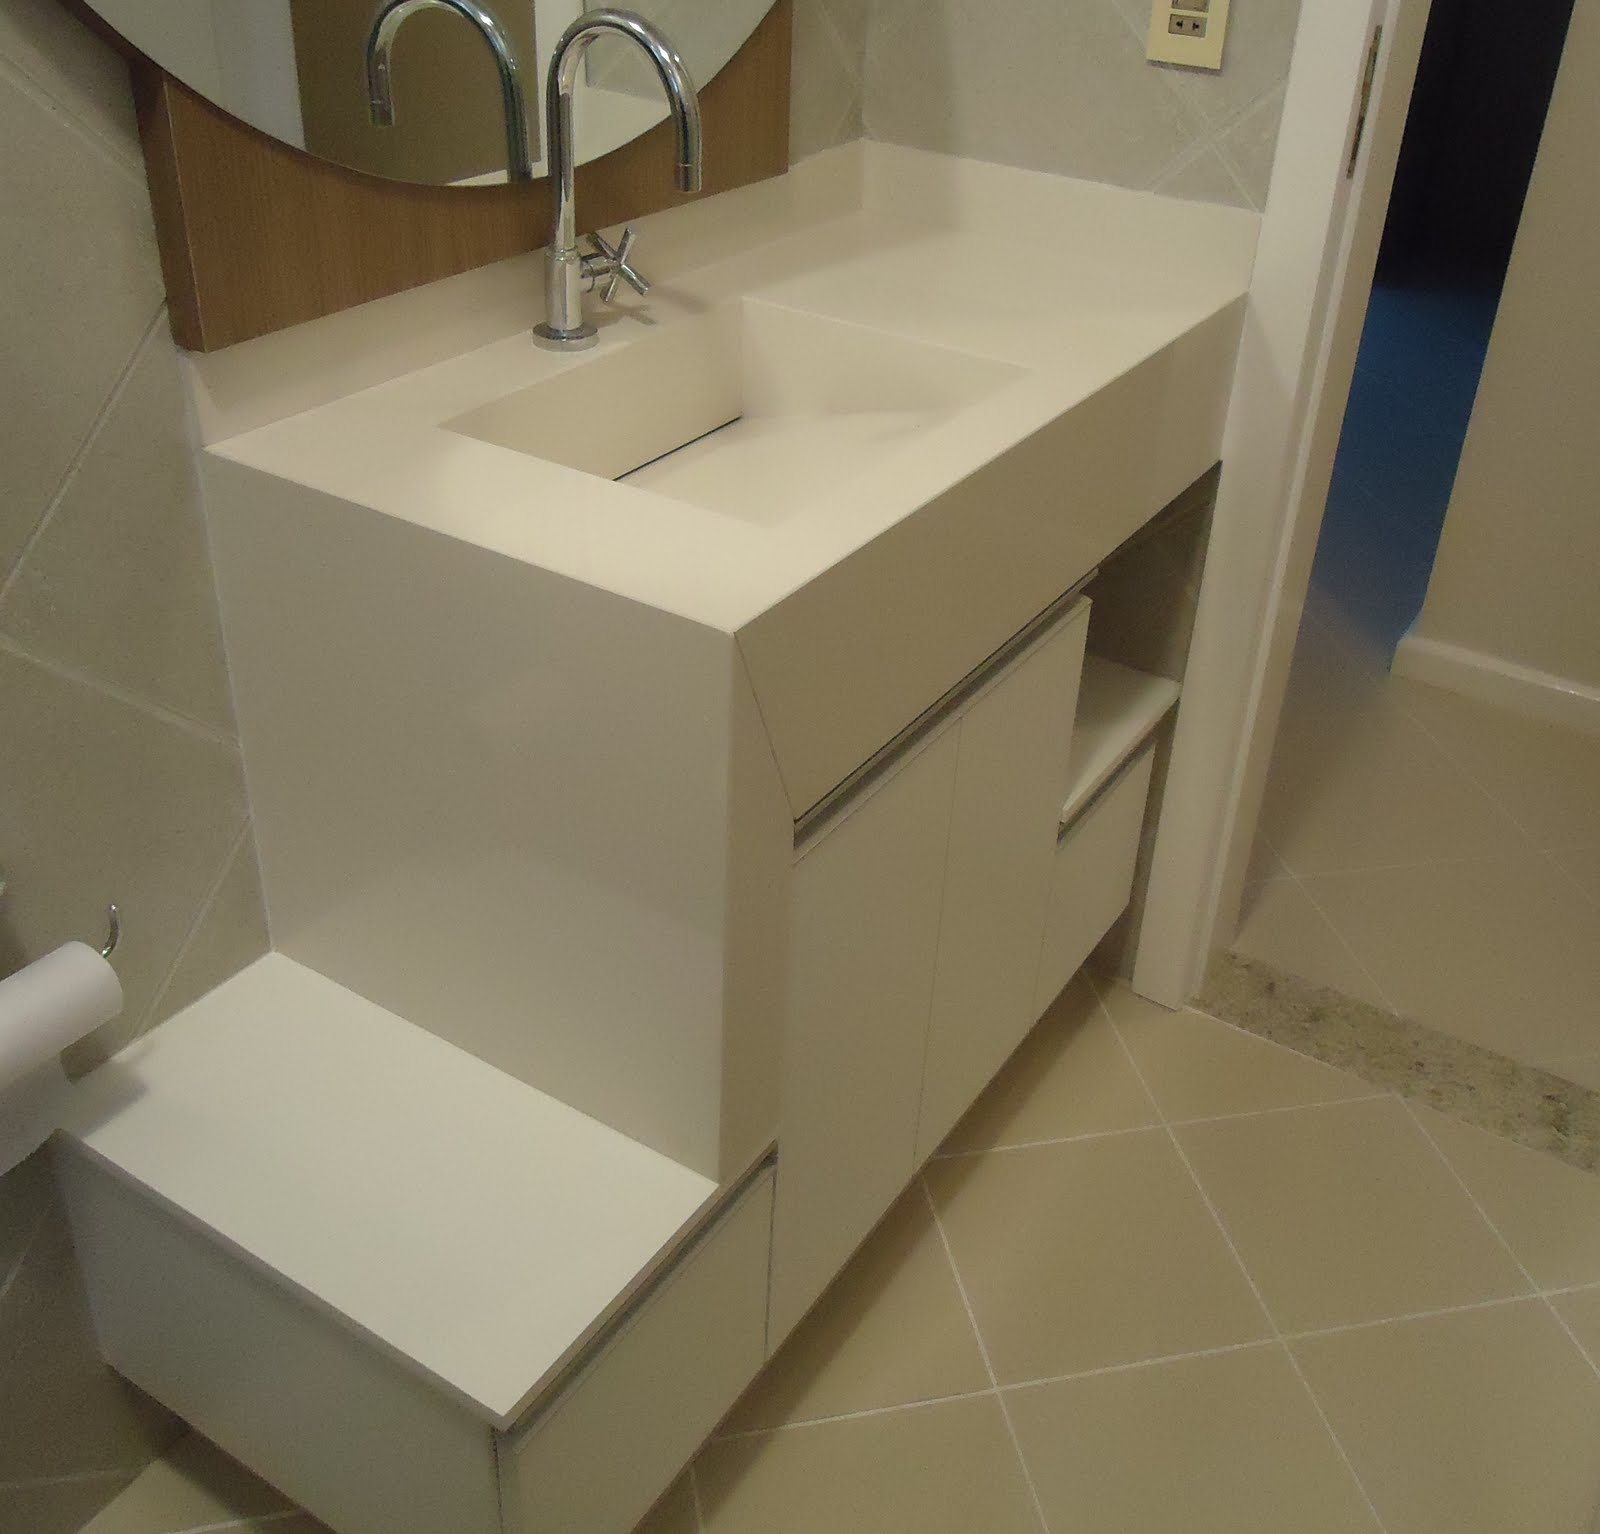 inovarte: BANHEIROS E LAVABOS DE PORCELANATO #5C4A2F 1600x1534 Banheiro Com Bancada De Porcelanato